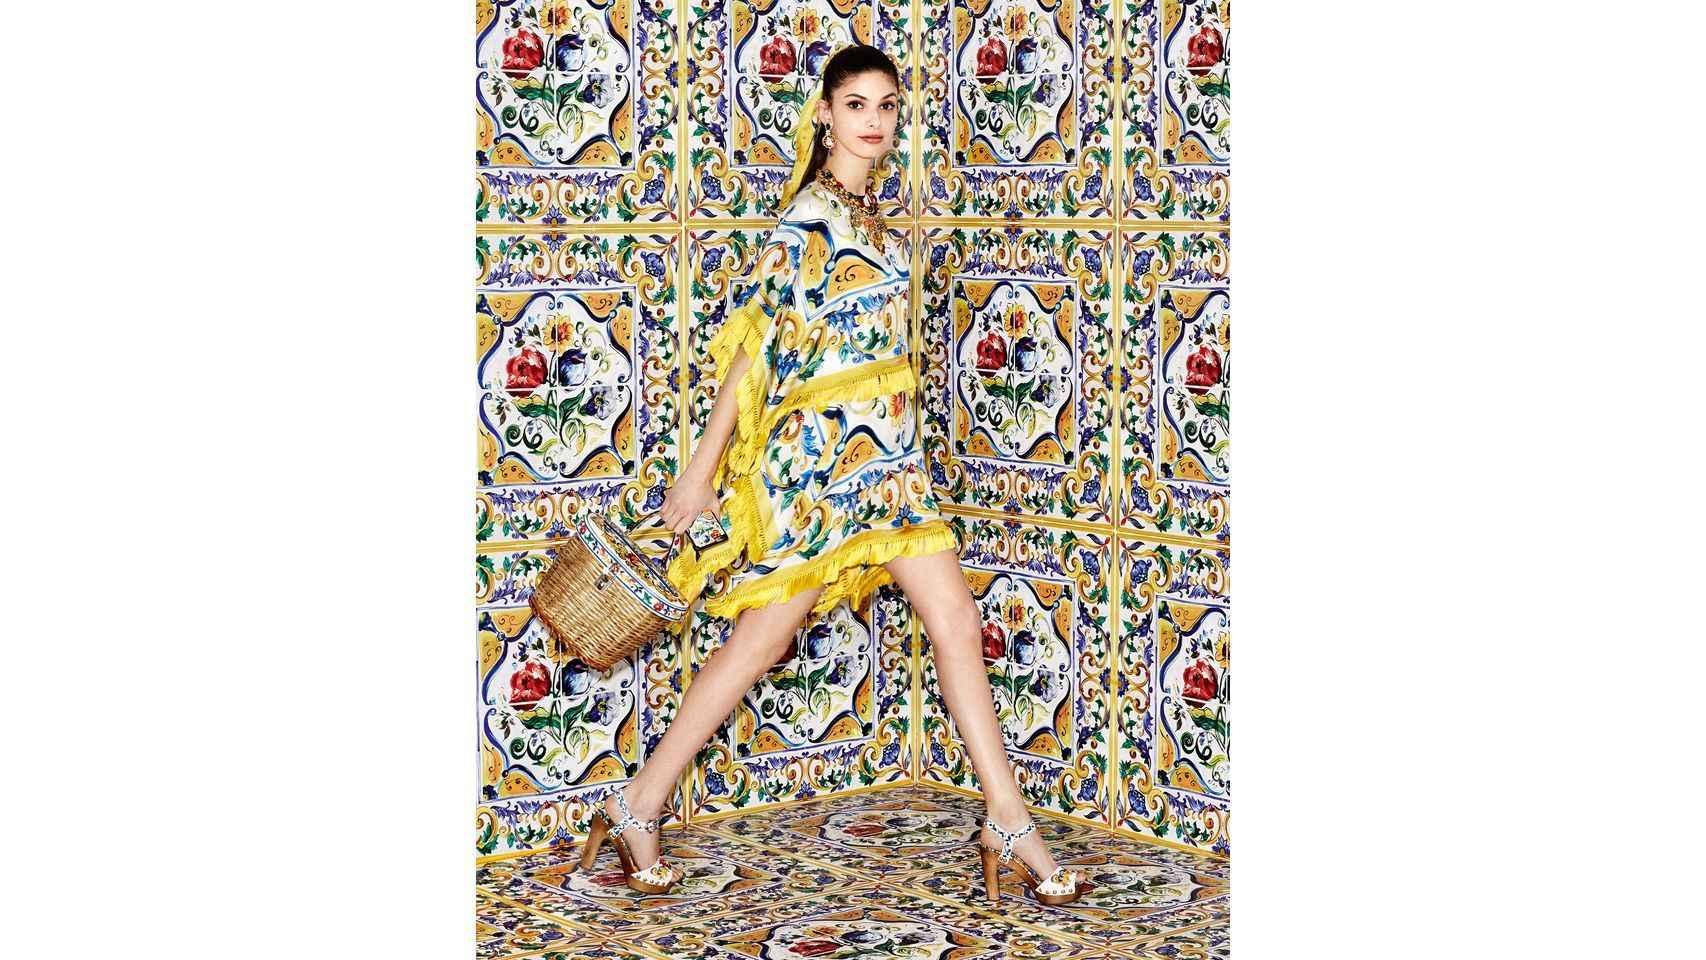 Vestido en sarga con flecos de Dolce y Gabbana verano 2016.